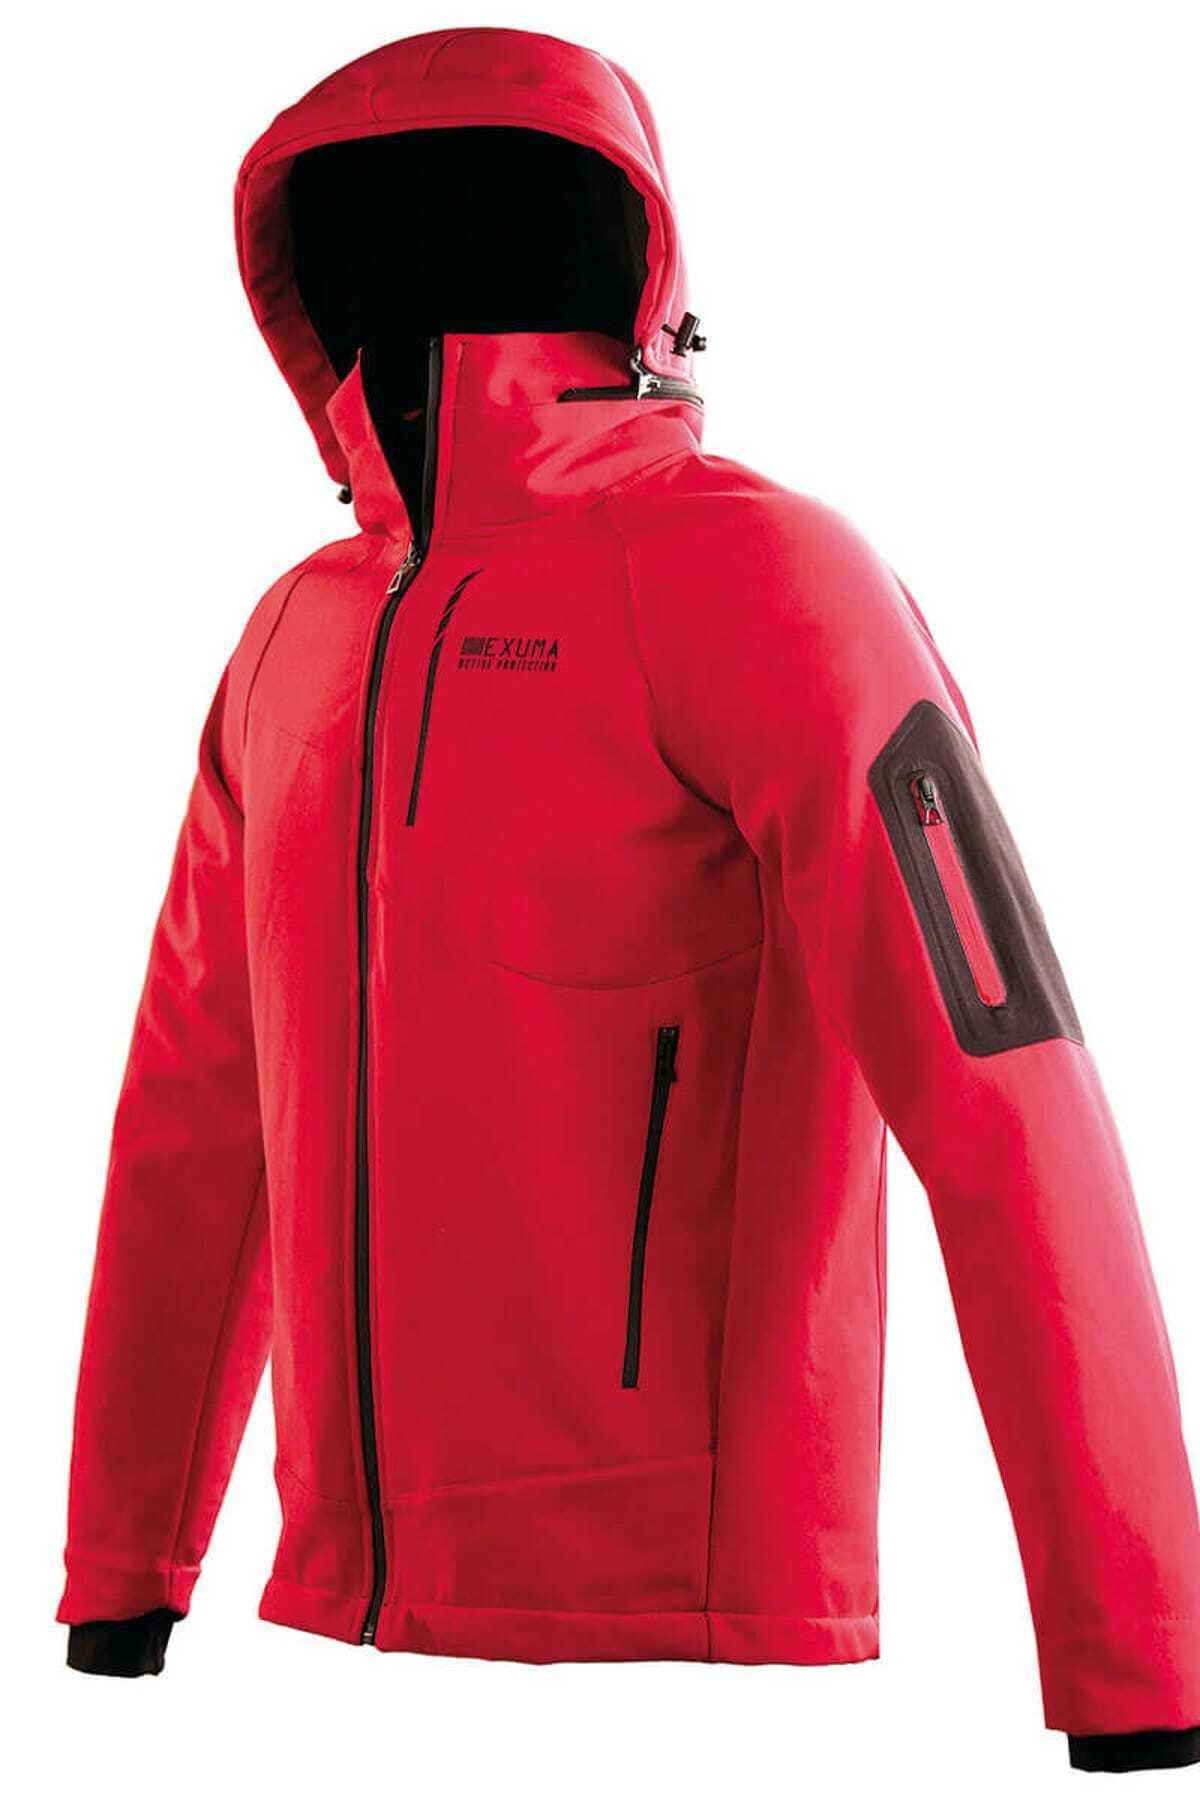 Exuma Erkek Kırmızı Kapüşonlu Kayak Montu 1